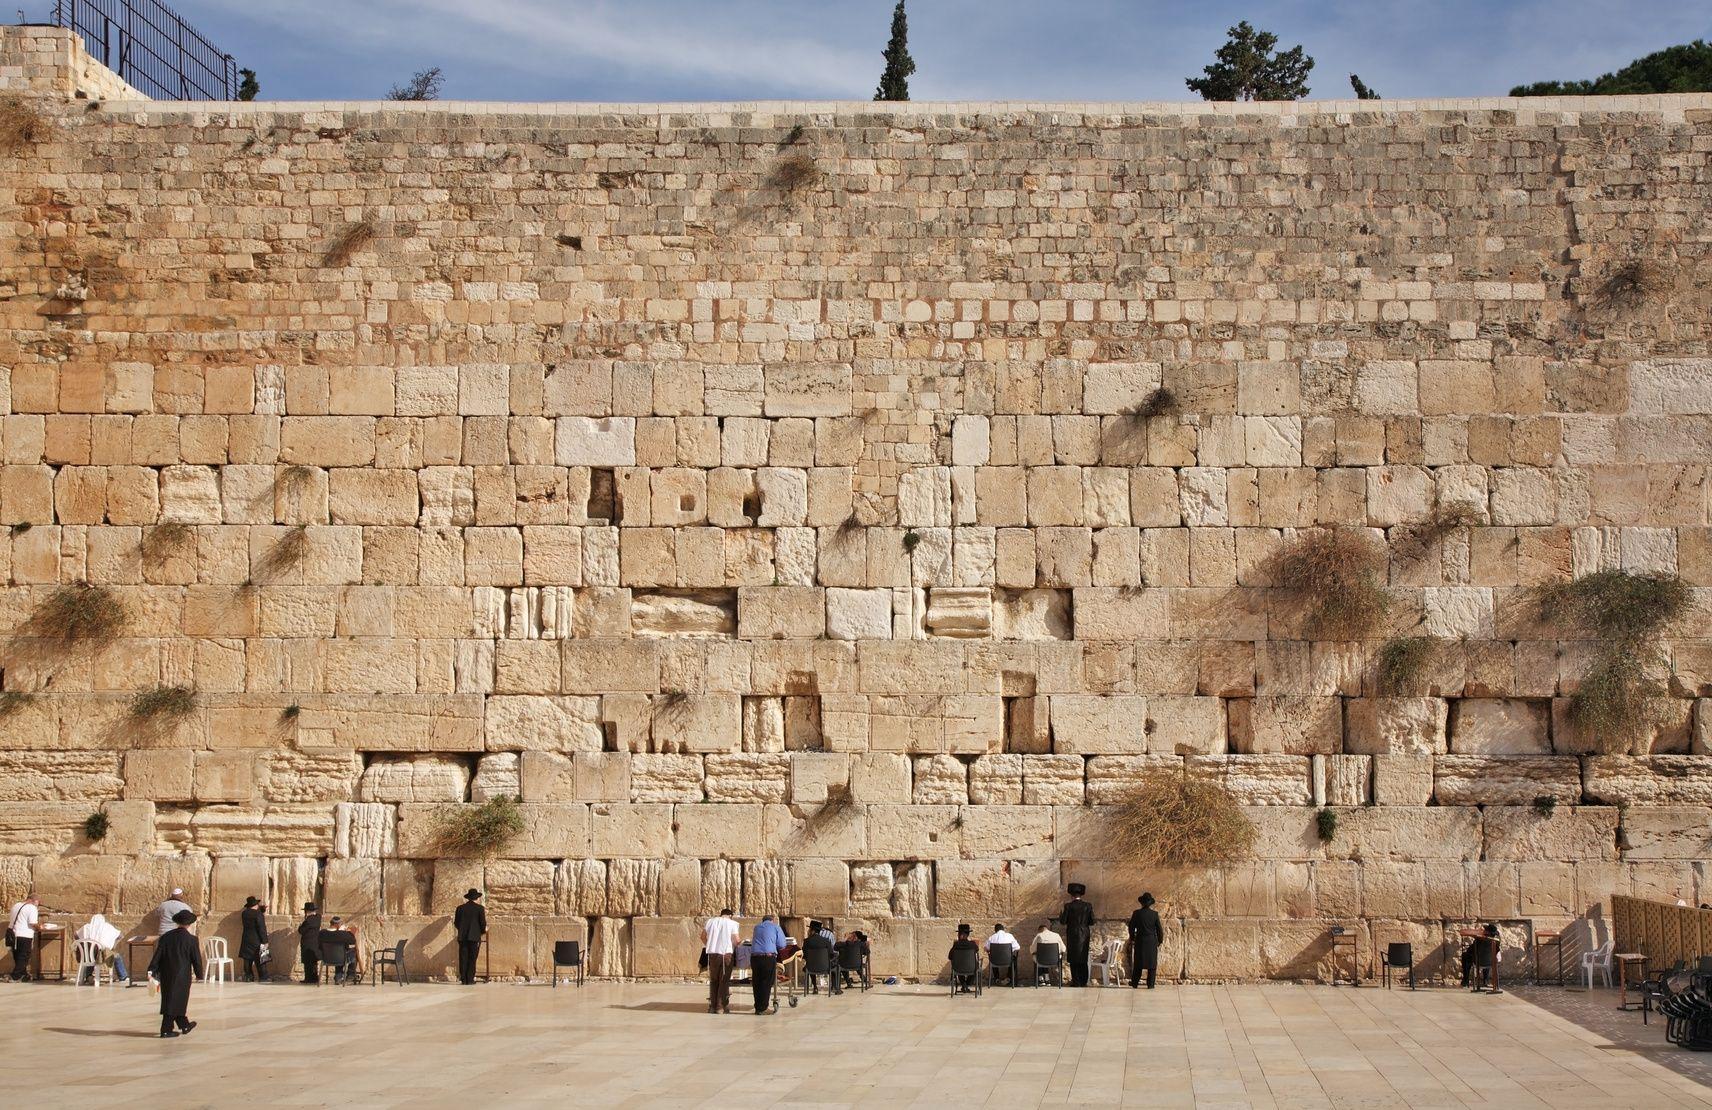 Západní zeď v Jeruzalémě